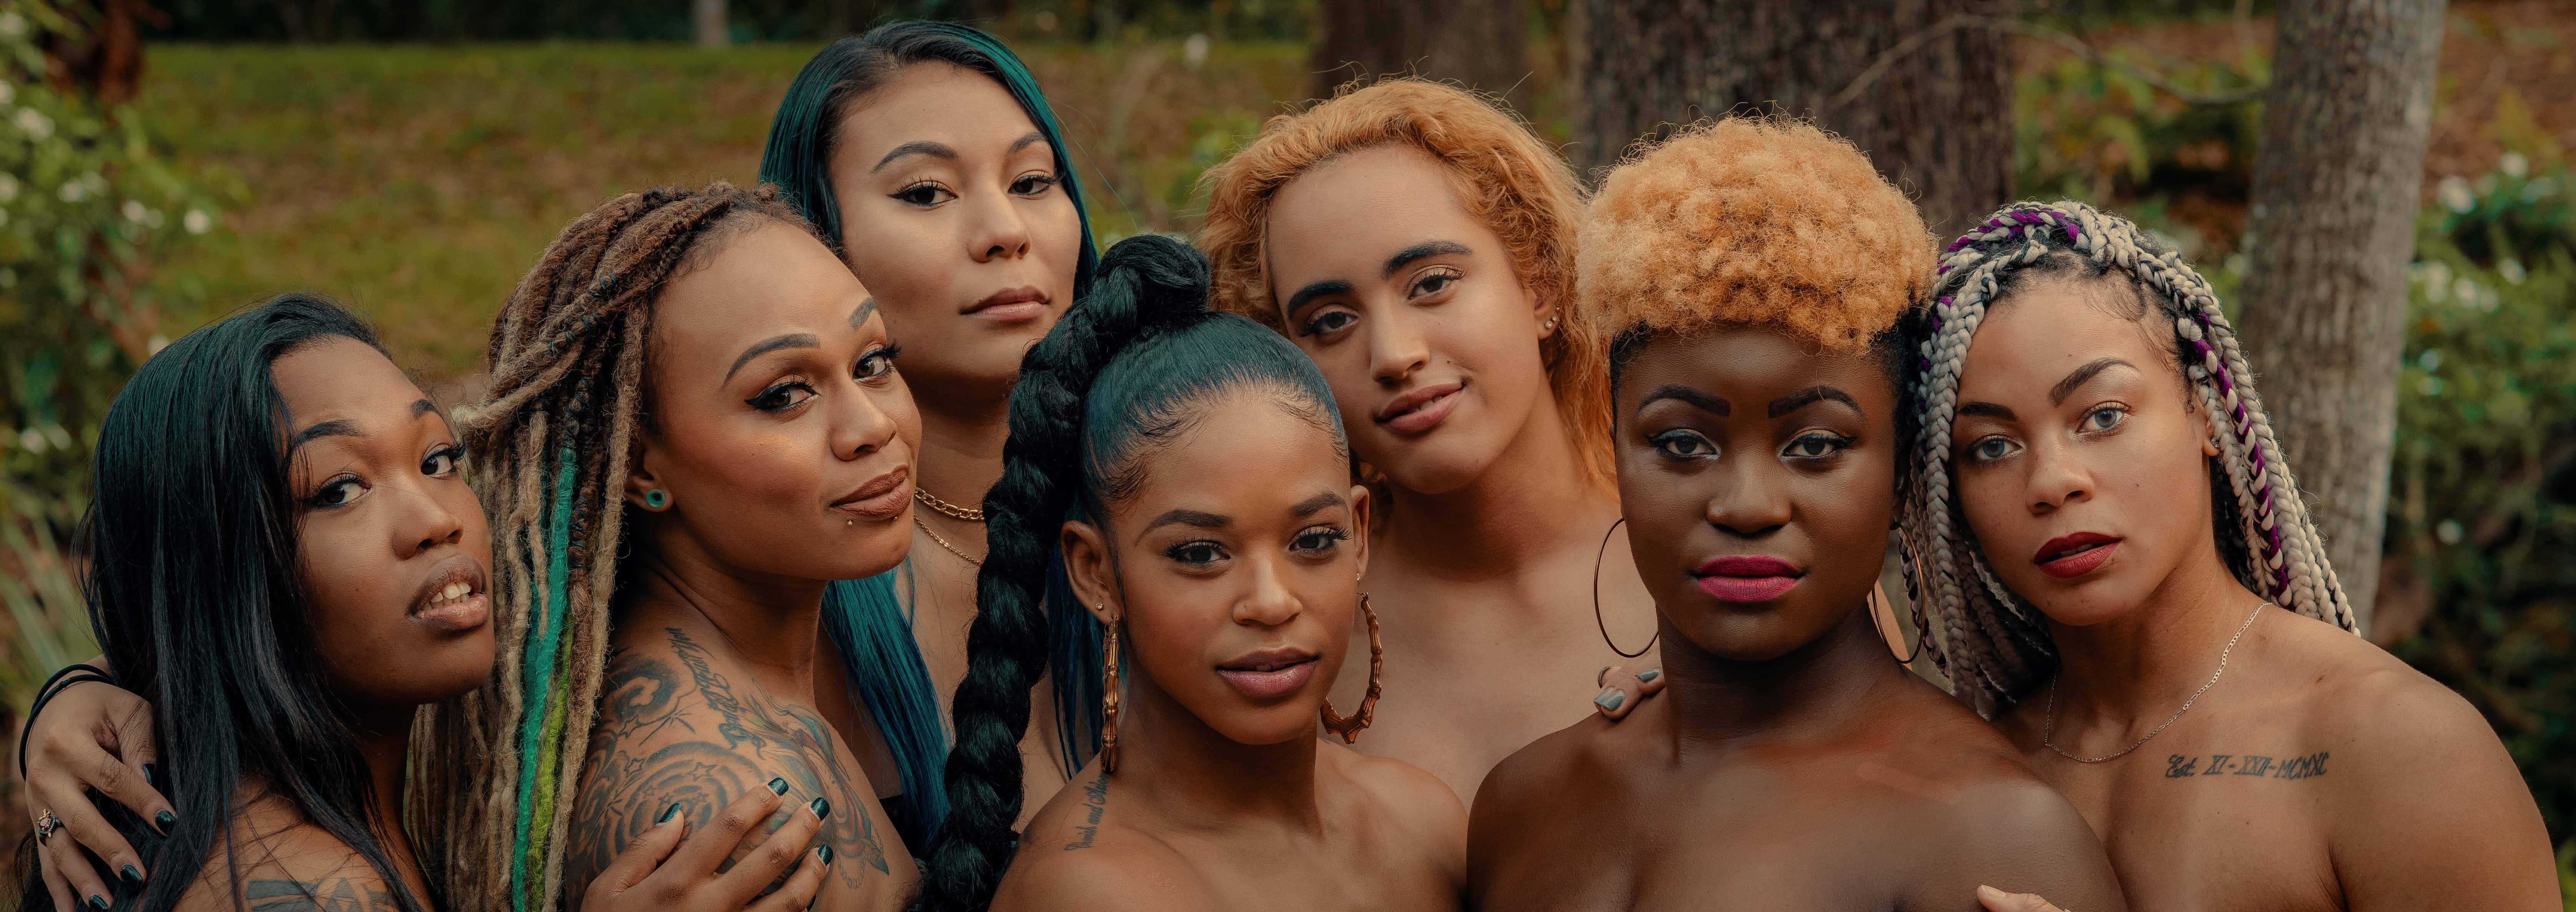 Head shots of Black women in WWE